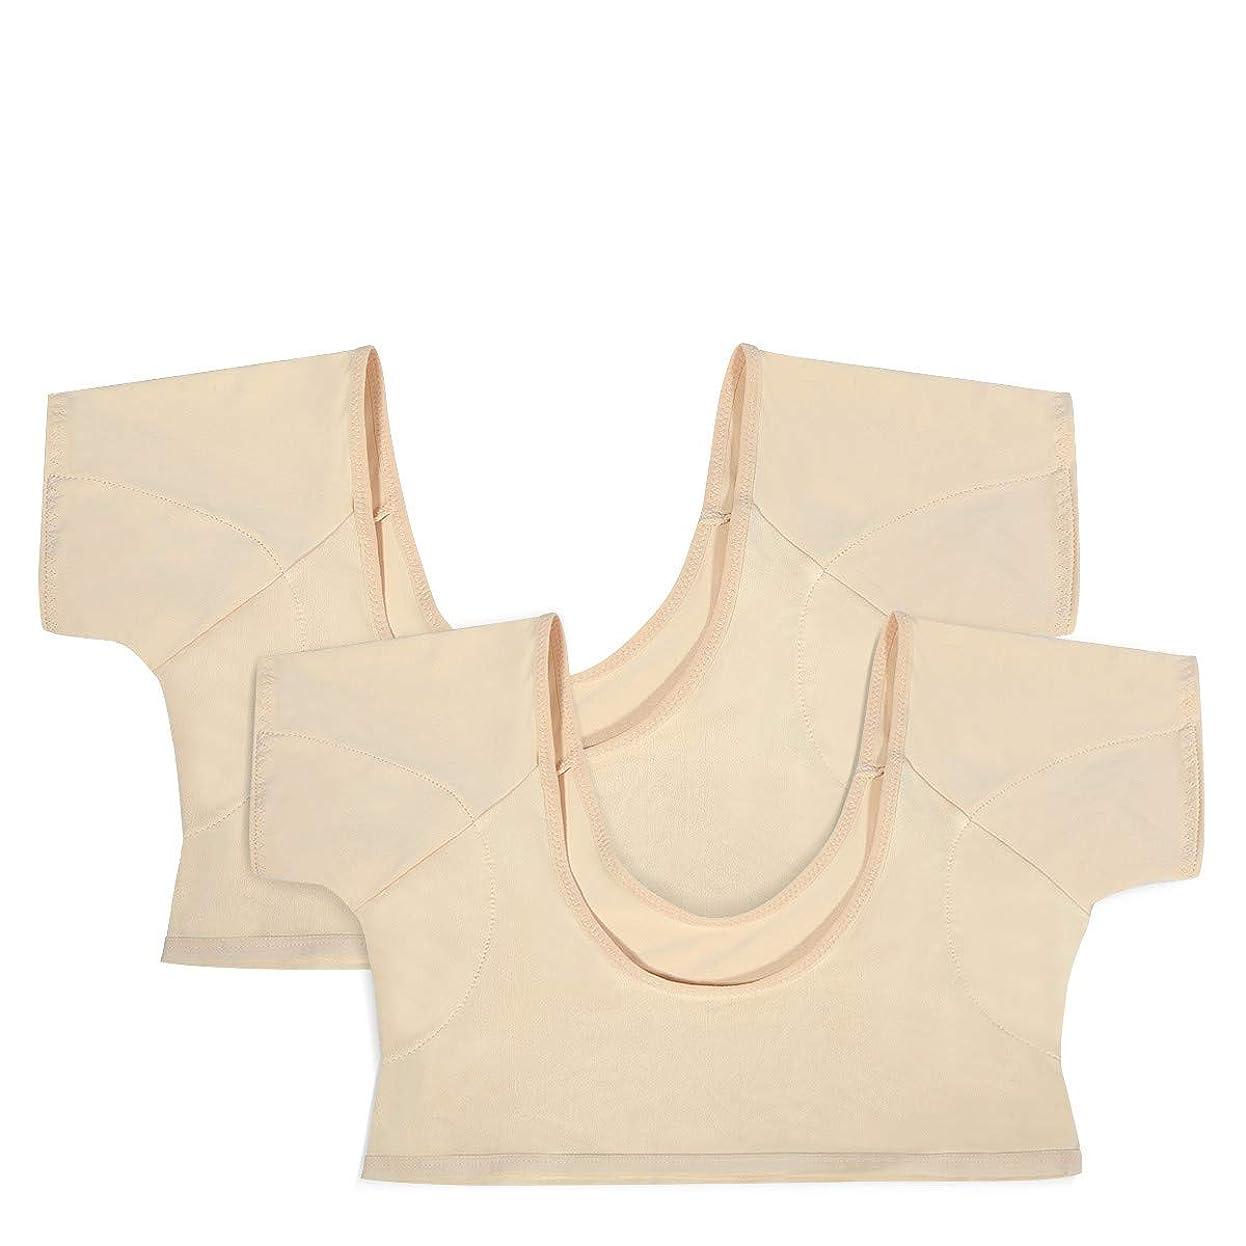 ほとんどの場合スズメバチ代わりにLC-dolida 汗取りインナー 2枚組み レディースインナーシャツ 汗脇パッド付き ワキサラット ワキ汗対策 色透け難い 極薄い 吸水速乾 汗取りパッド(Mサイズ)